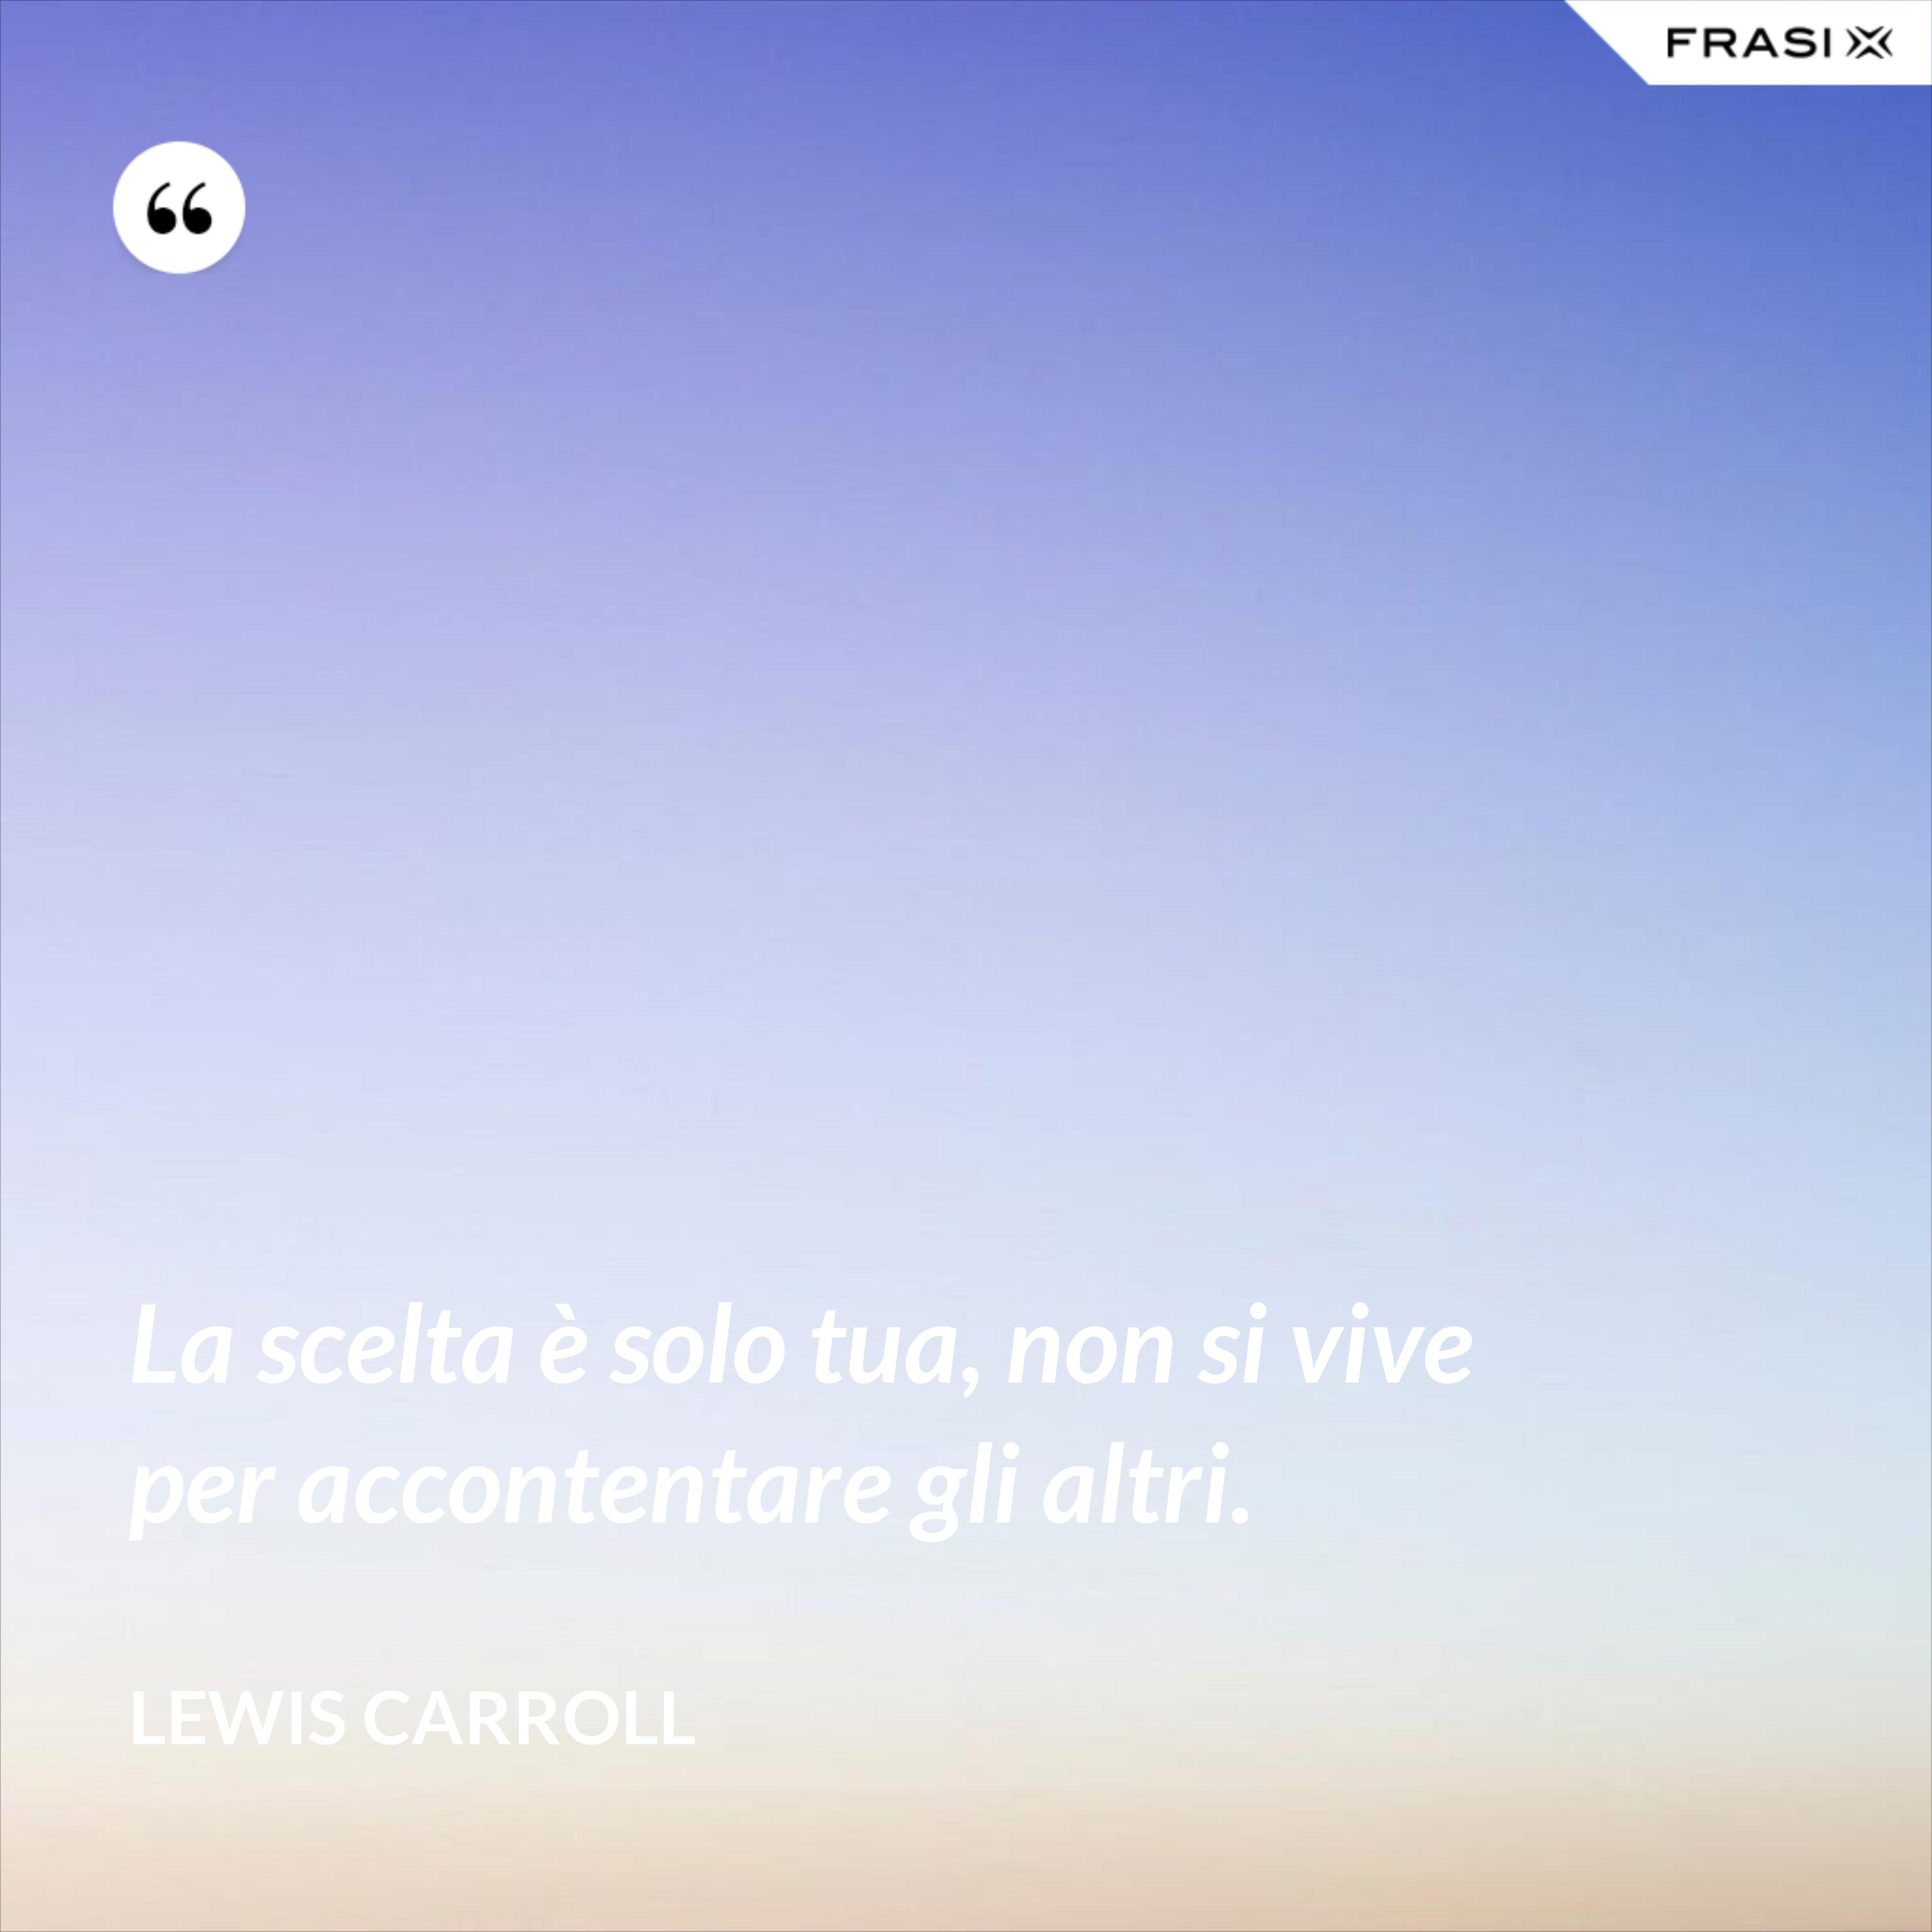 La scelta è solo tua, non si vive per accontentare gli altri. - Lewis Carroll